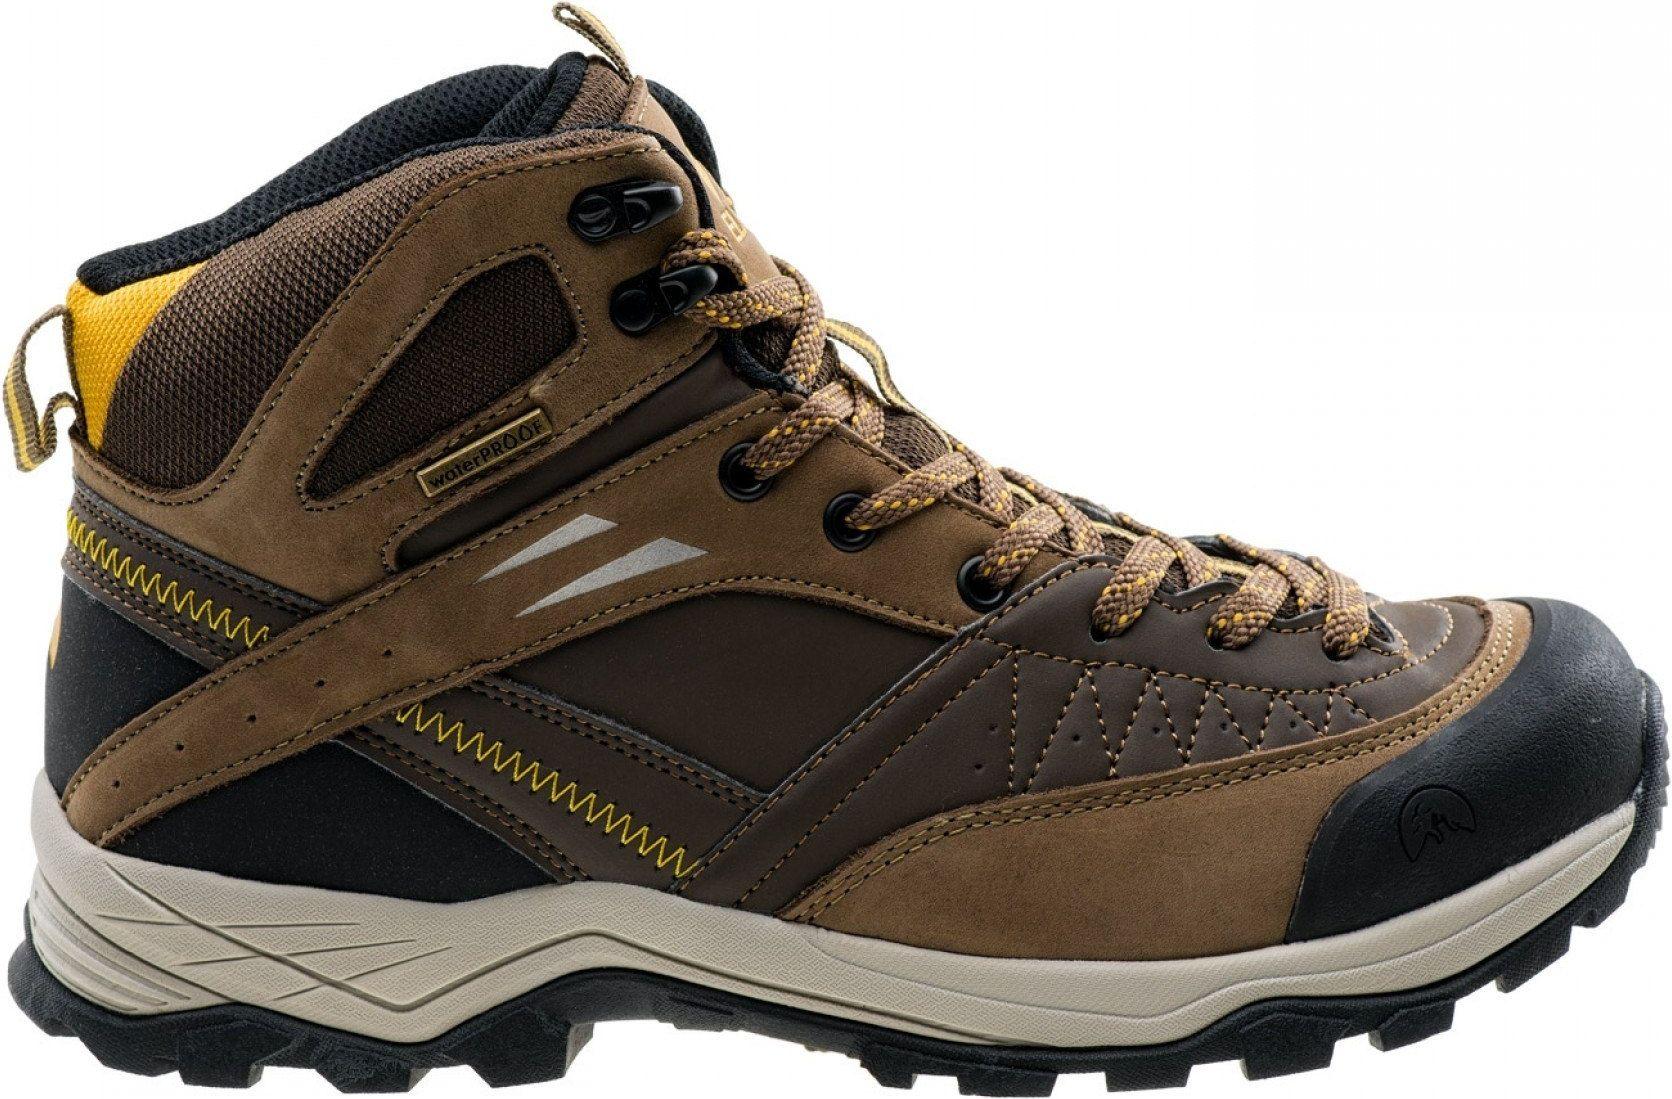 Elbrus Buty meskie Delen MID WP Dark Brown / Corn / Black r. 44 4823645 Tūrisma apavi